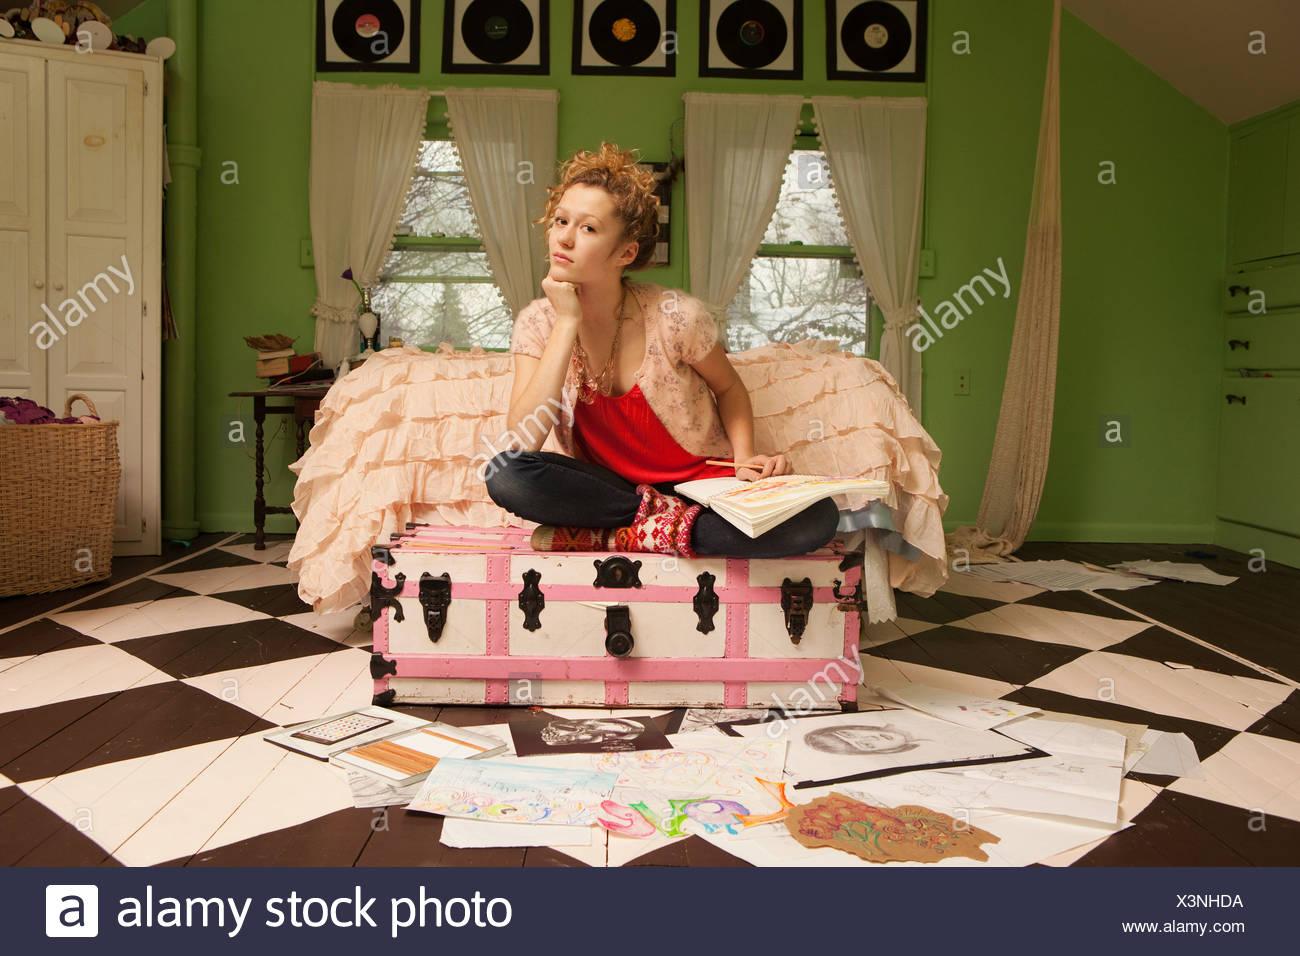 Teenage girl sitting on pouf avec des dessins sur plancher de chambre à coucher Photo Stock